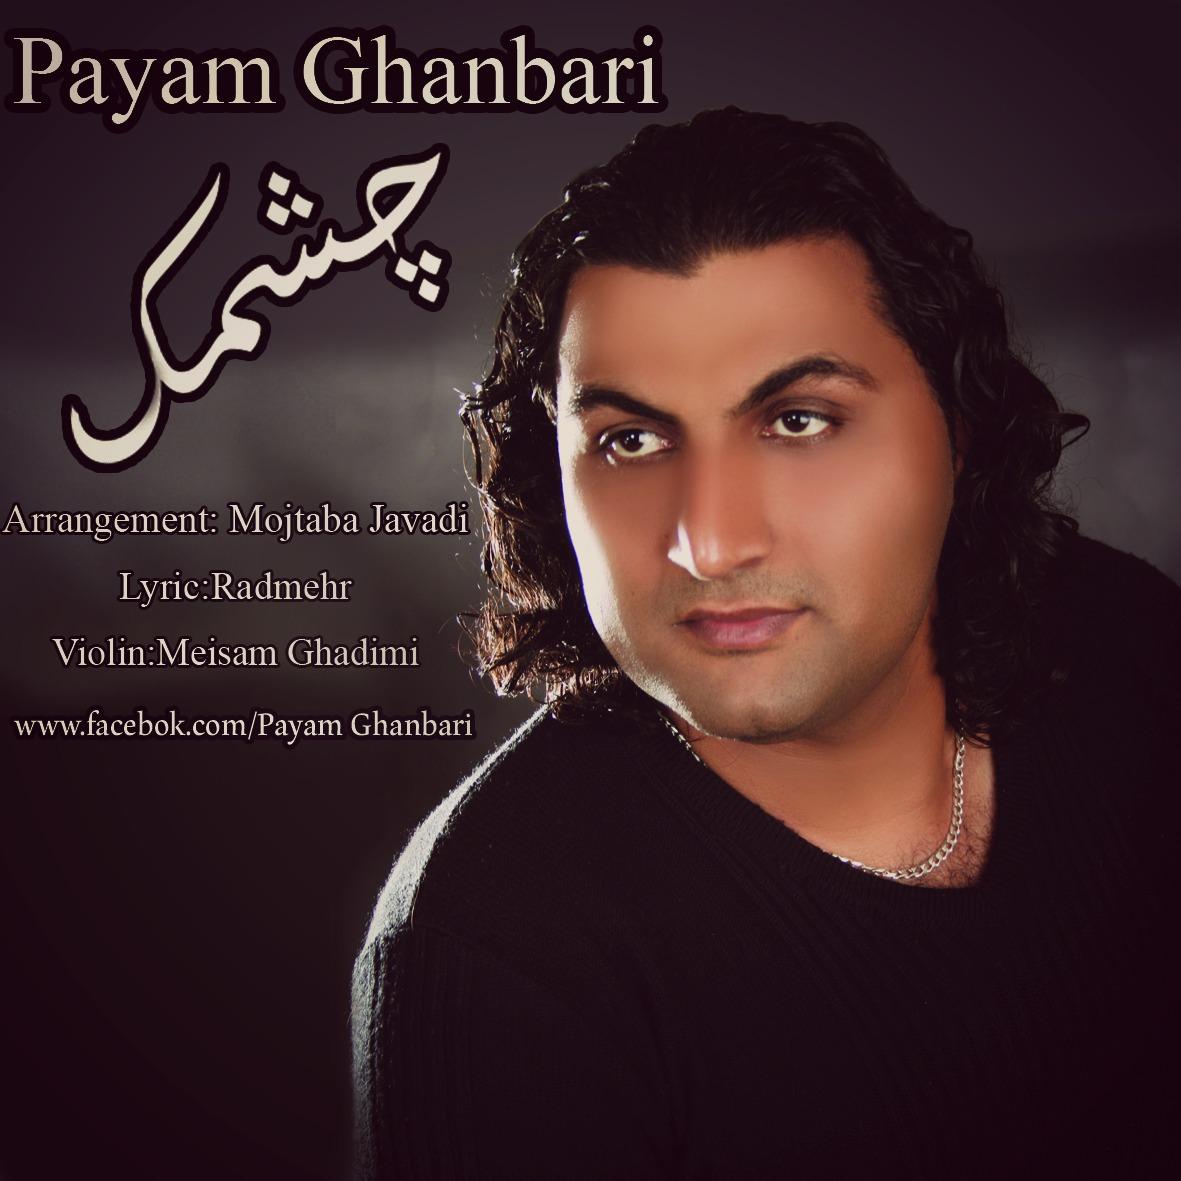 Payam Ghanbari – Cheshmak